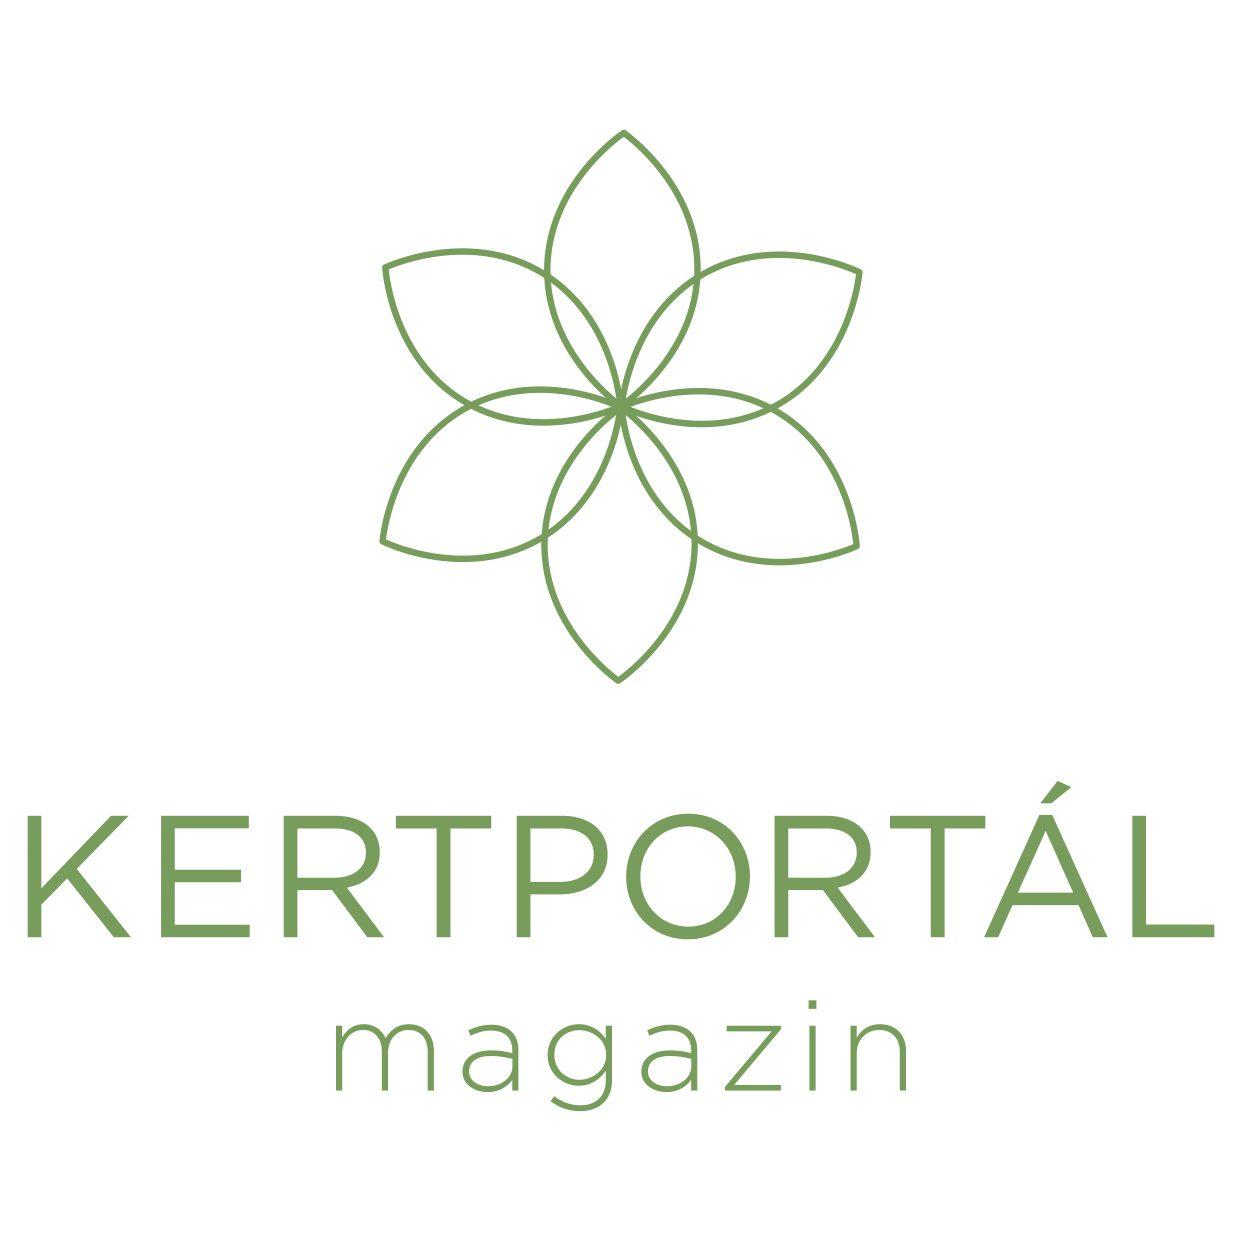 Kertportál Magazin és Webshop